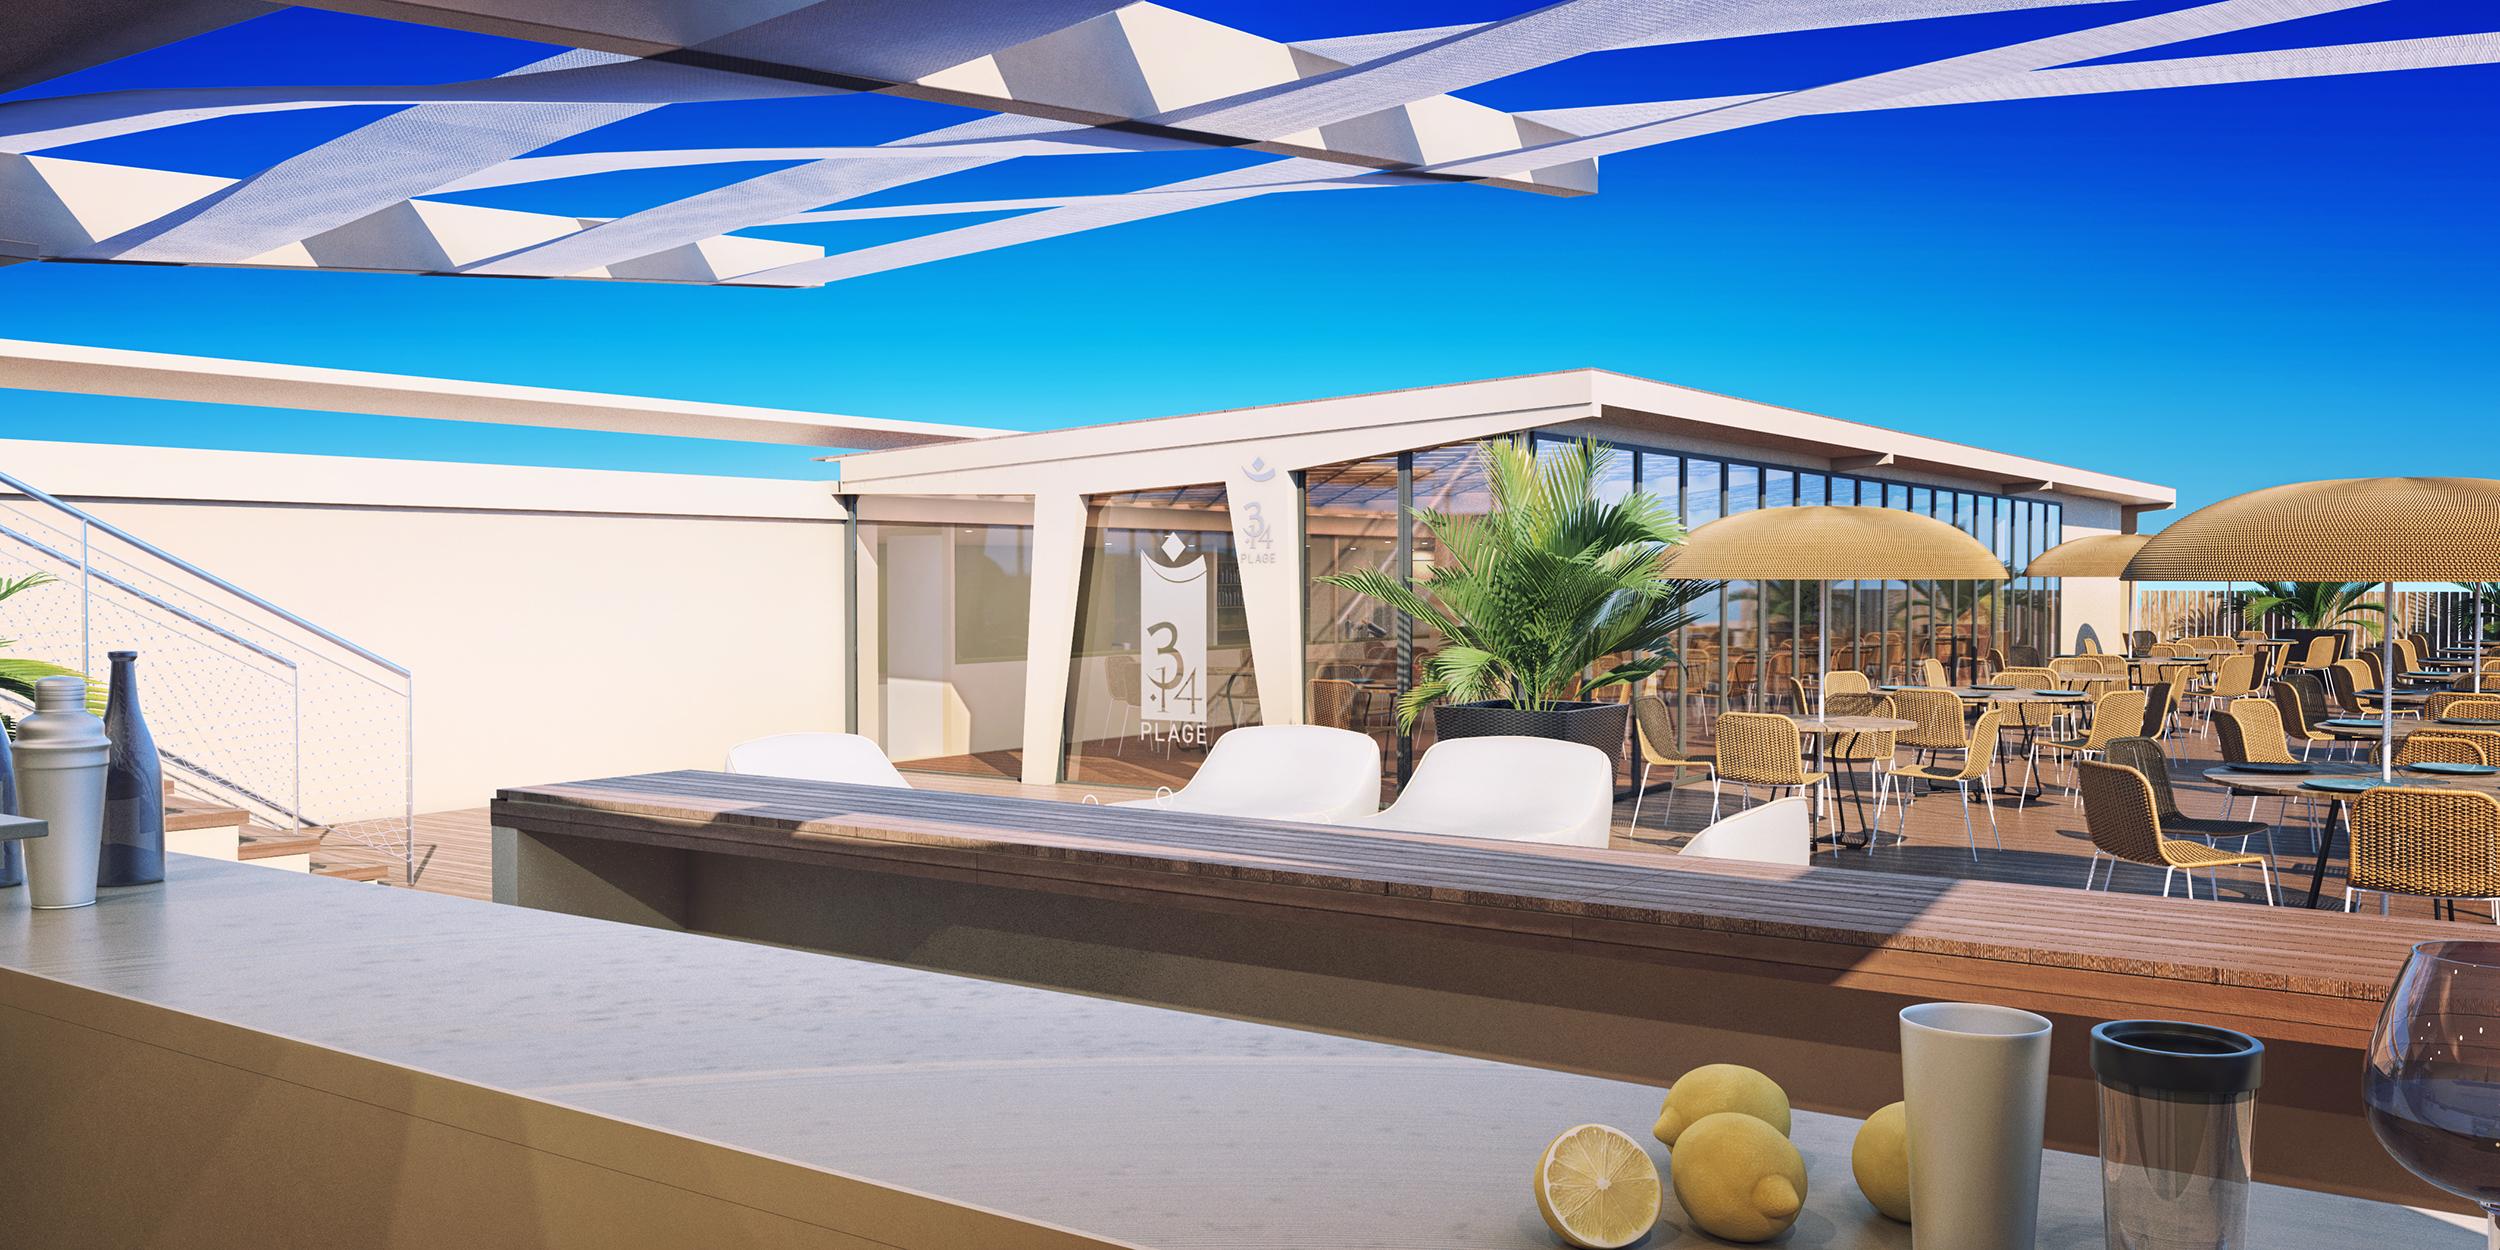 Dripmoon-archvis-graphiste3D-architecture-images-3D-Casino-cannes (1)